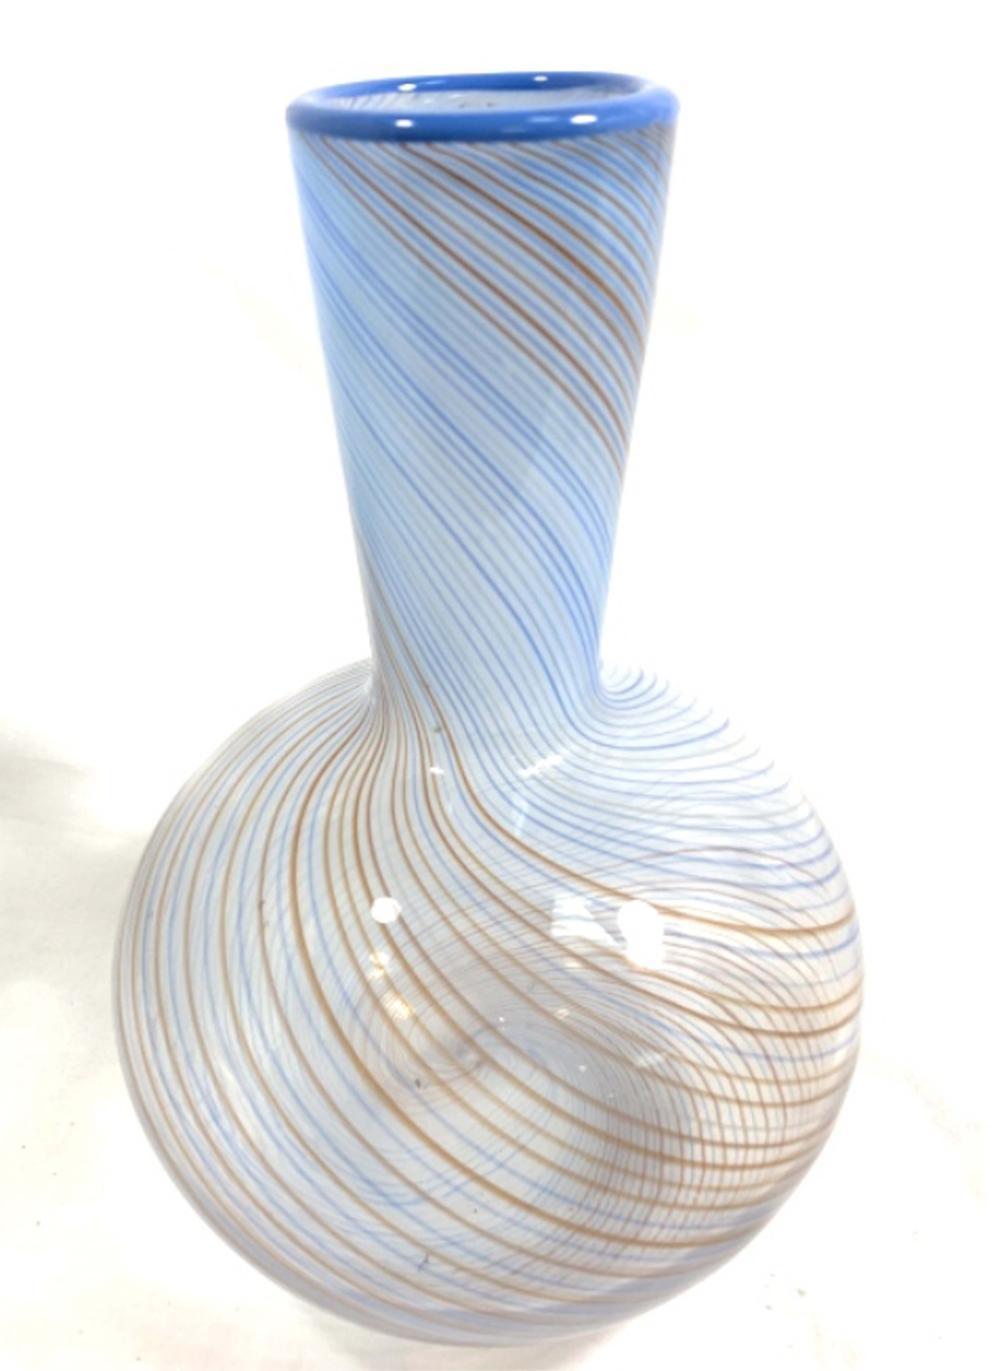 EXQUISITE BLUE/BROWN SWIRL VINTAGE ART GLASS VASE